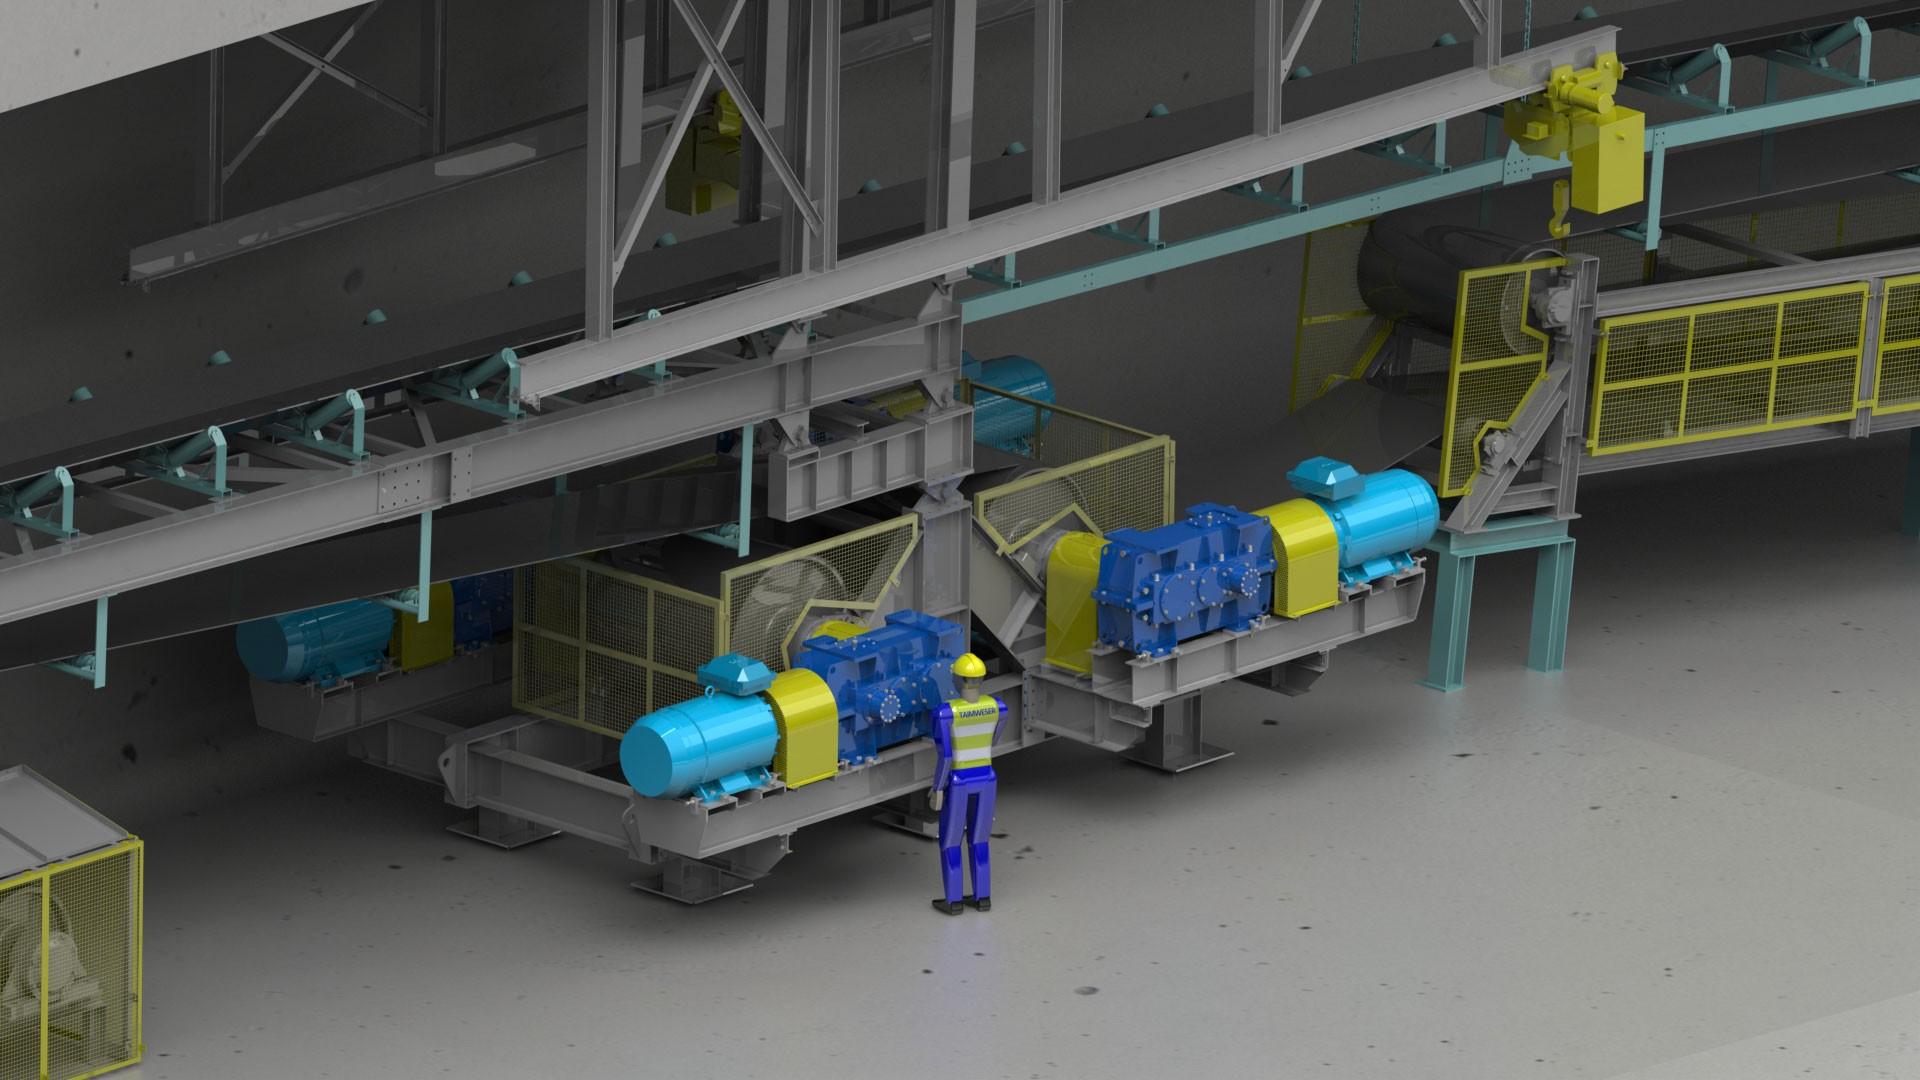 Phoenix конвейер для перевозки зерна на элеватор 16 грузовиками к